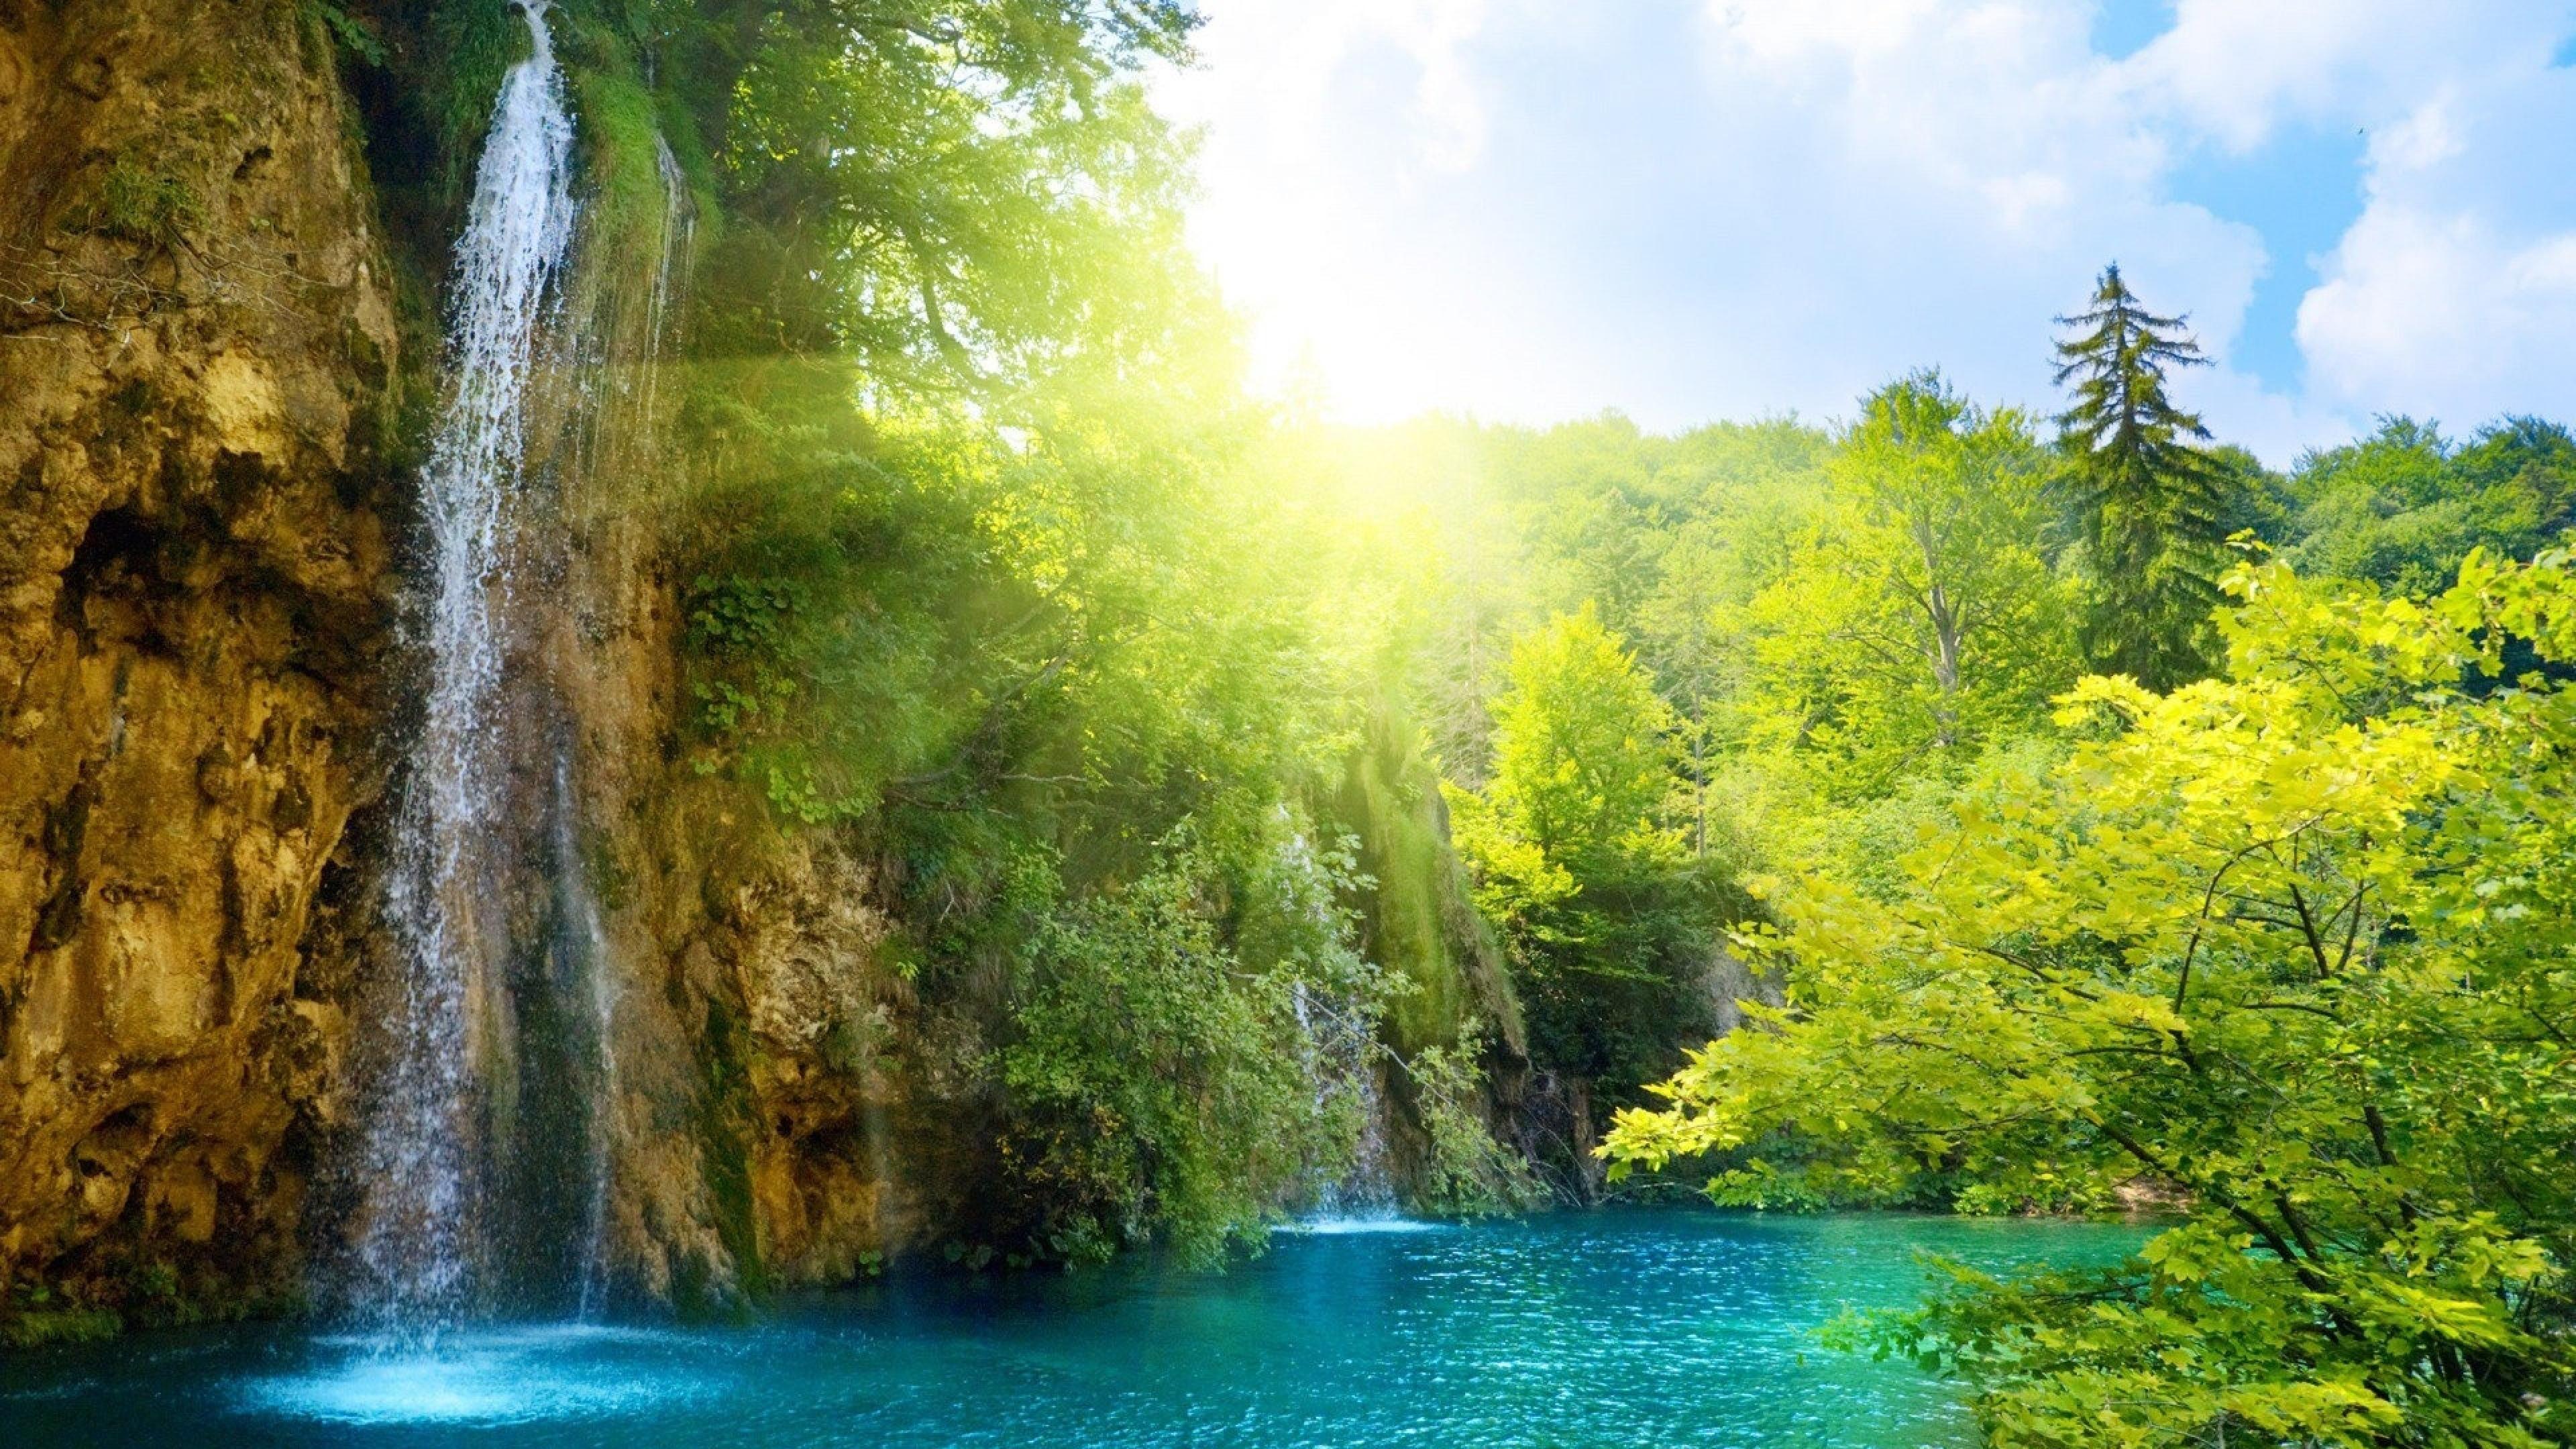 природа озеро водопад онлайн